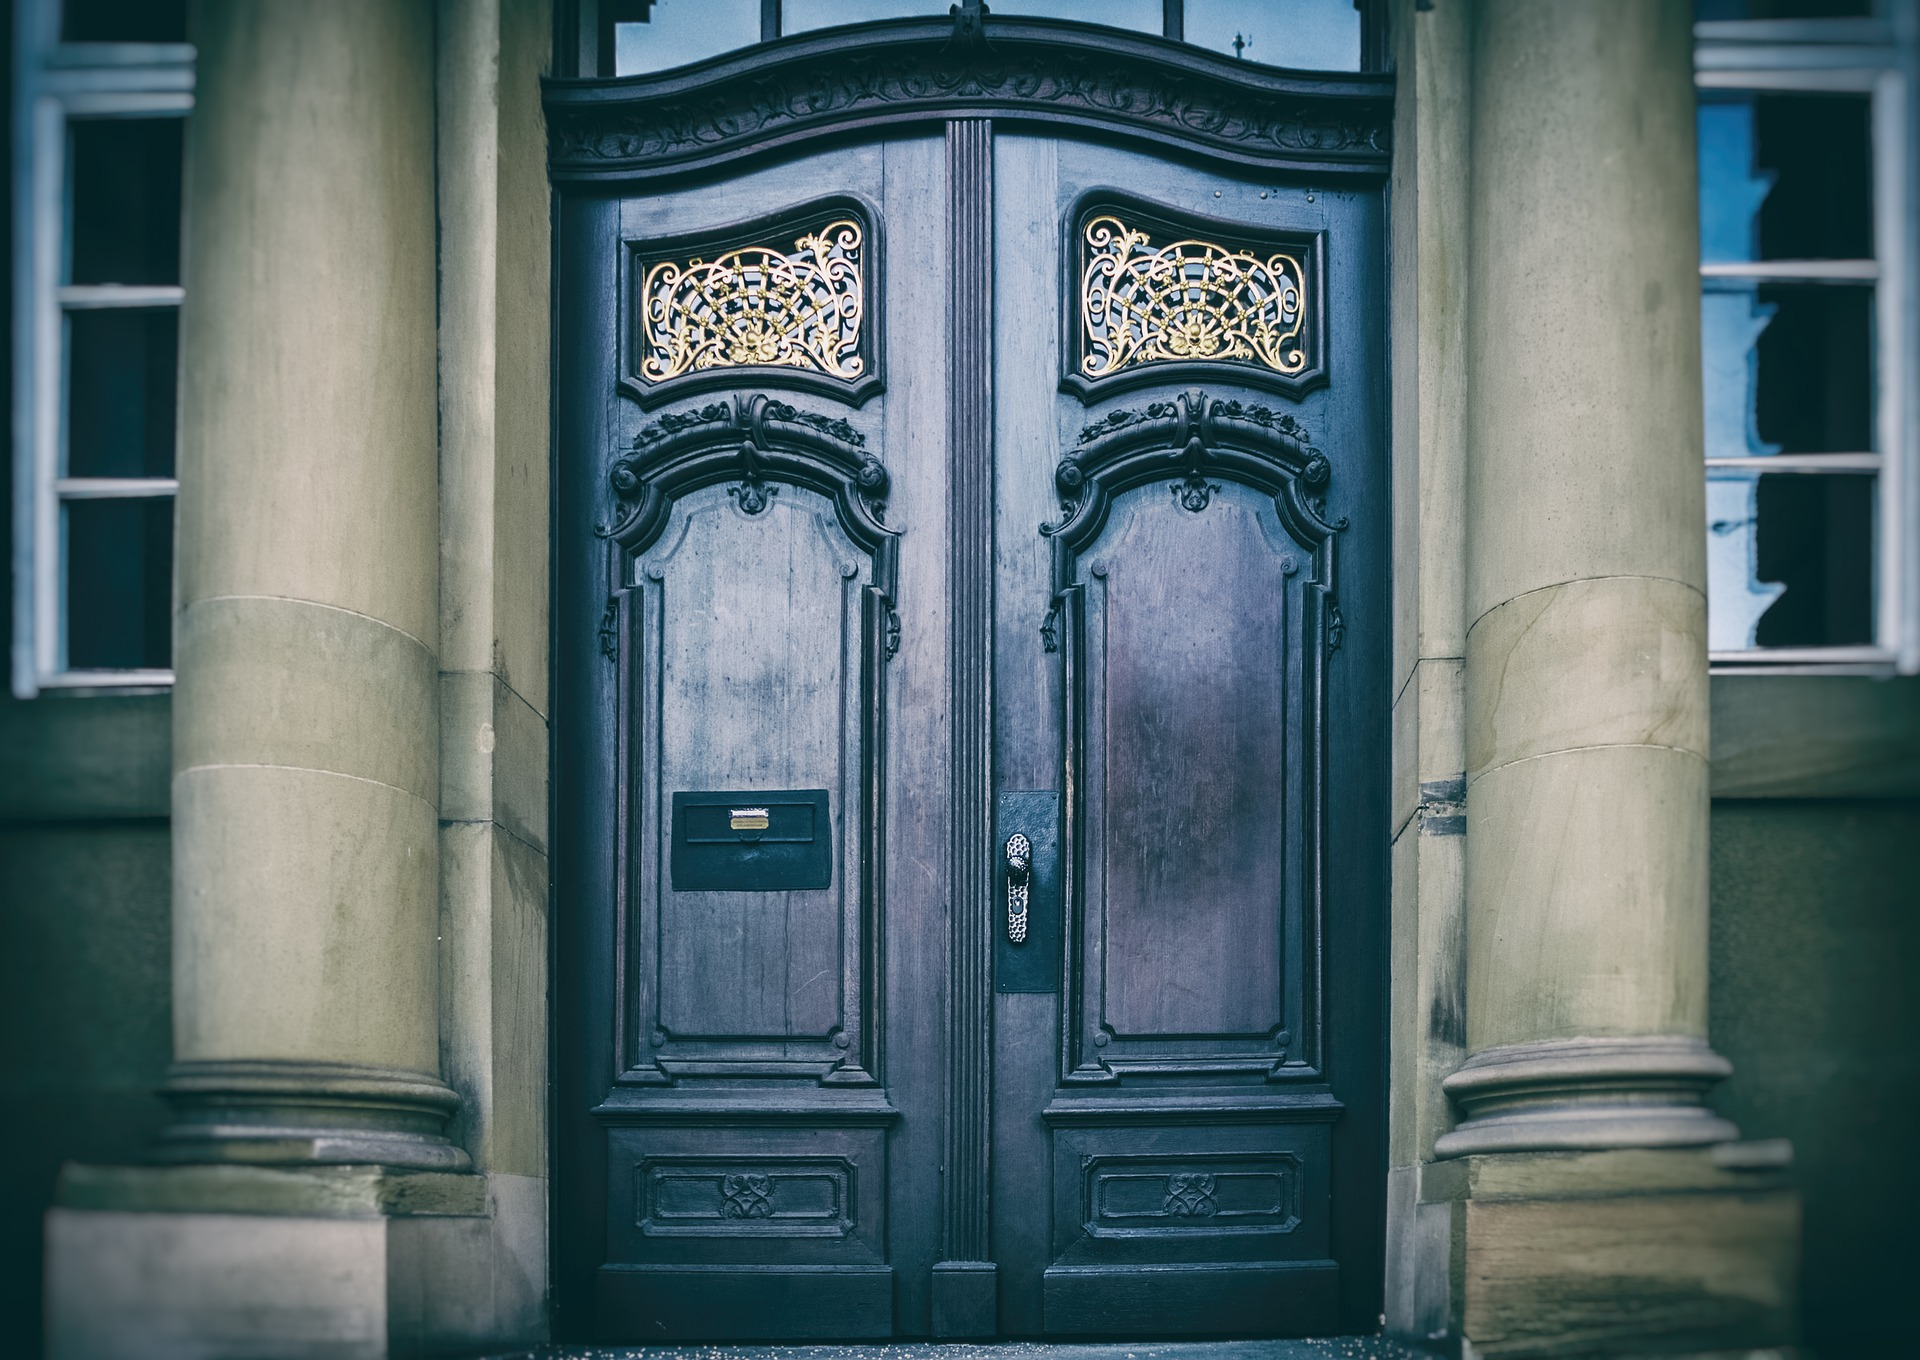 ¿Inviolabilidad del domicilio?: Hacienda prepara una nueva norma que permita entrar sin preavisar